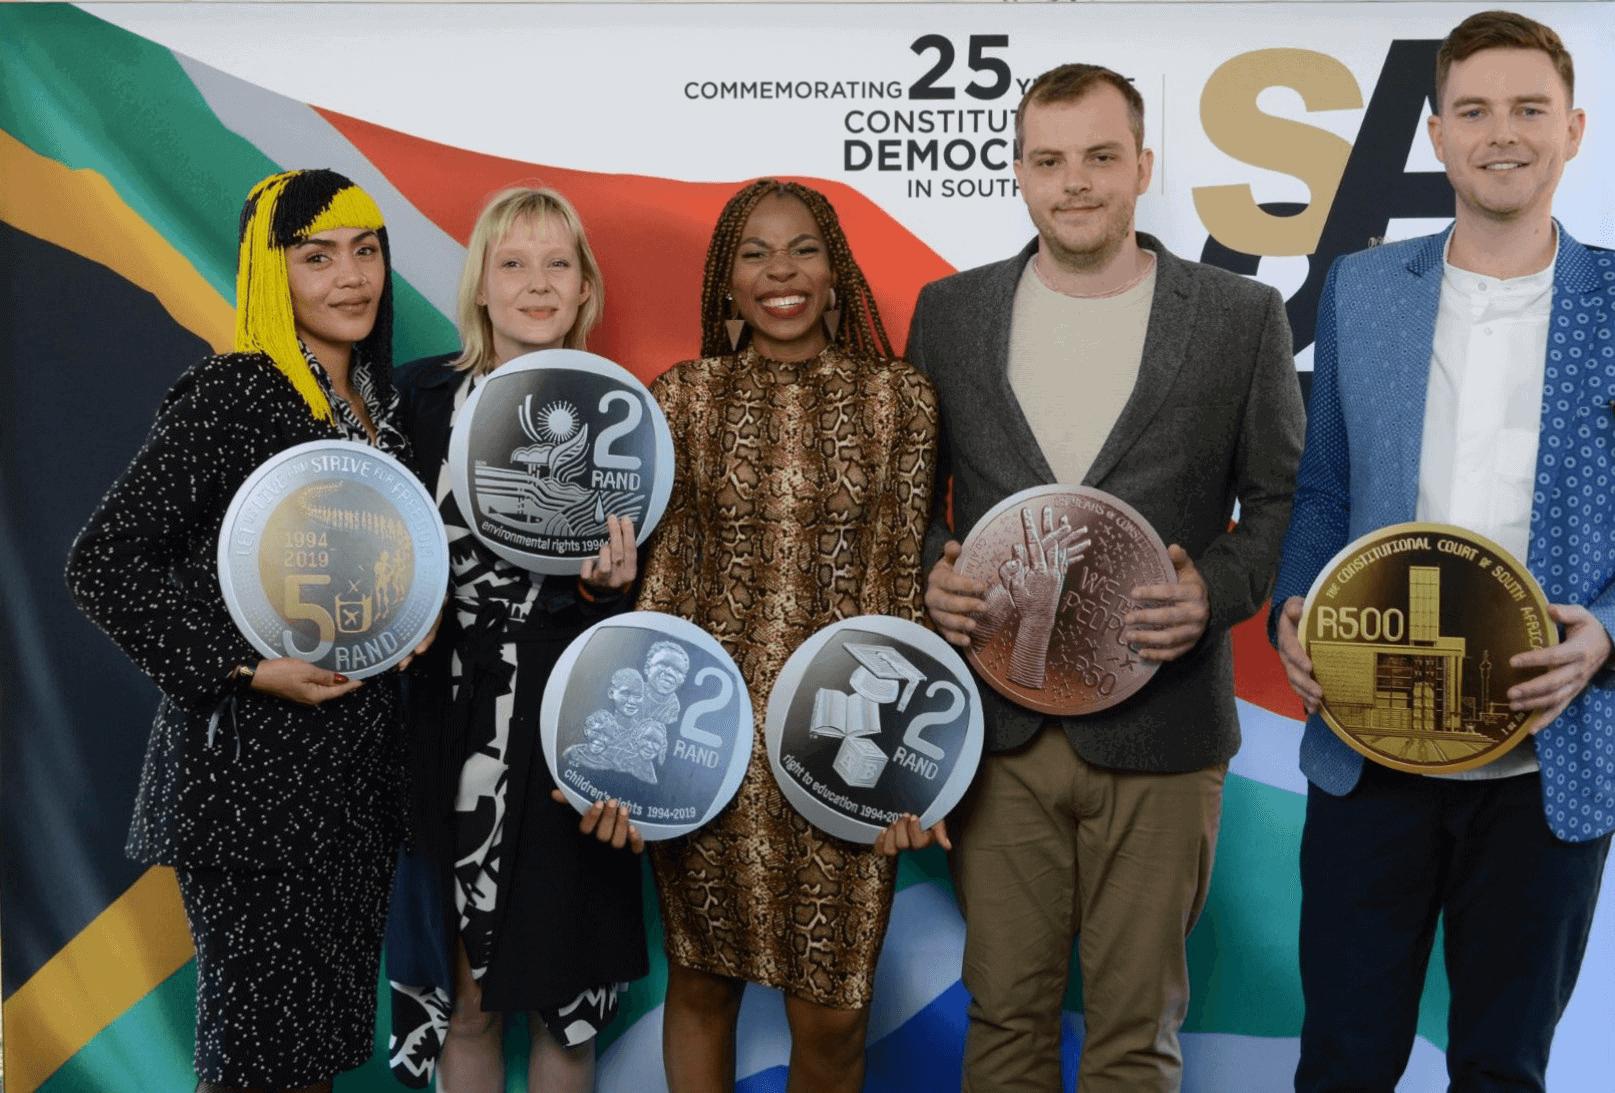 Die Künstler mit den Münzen, die sie beim Medienstart der SA25 - Celebrating South Africa (links - rechts) entworfen haben, Lady Skollie, Maaike Bakker, Neo Mahlangu, Peter Mammes und Shaun Gaylard.